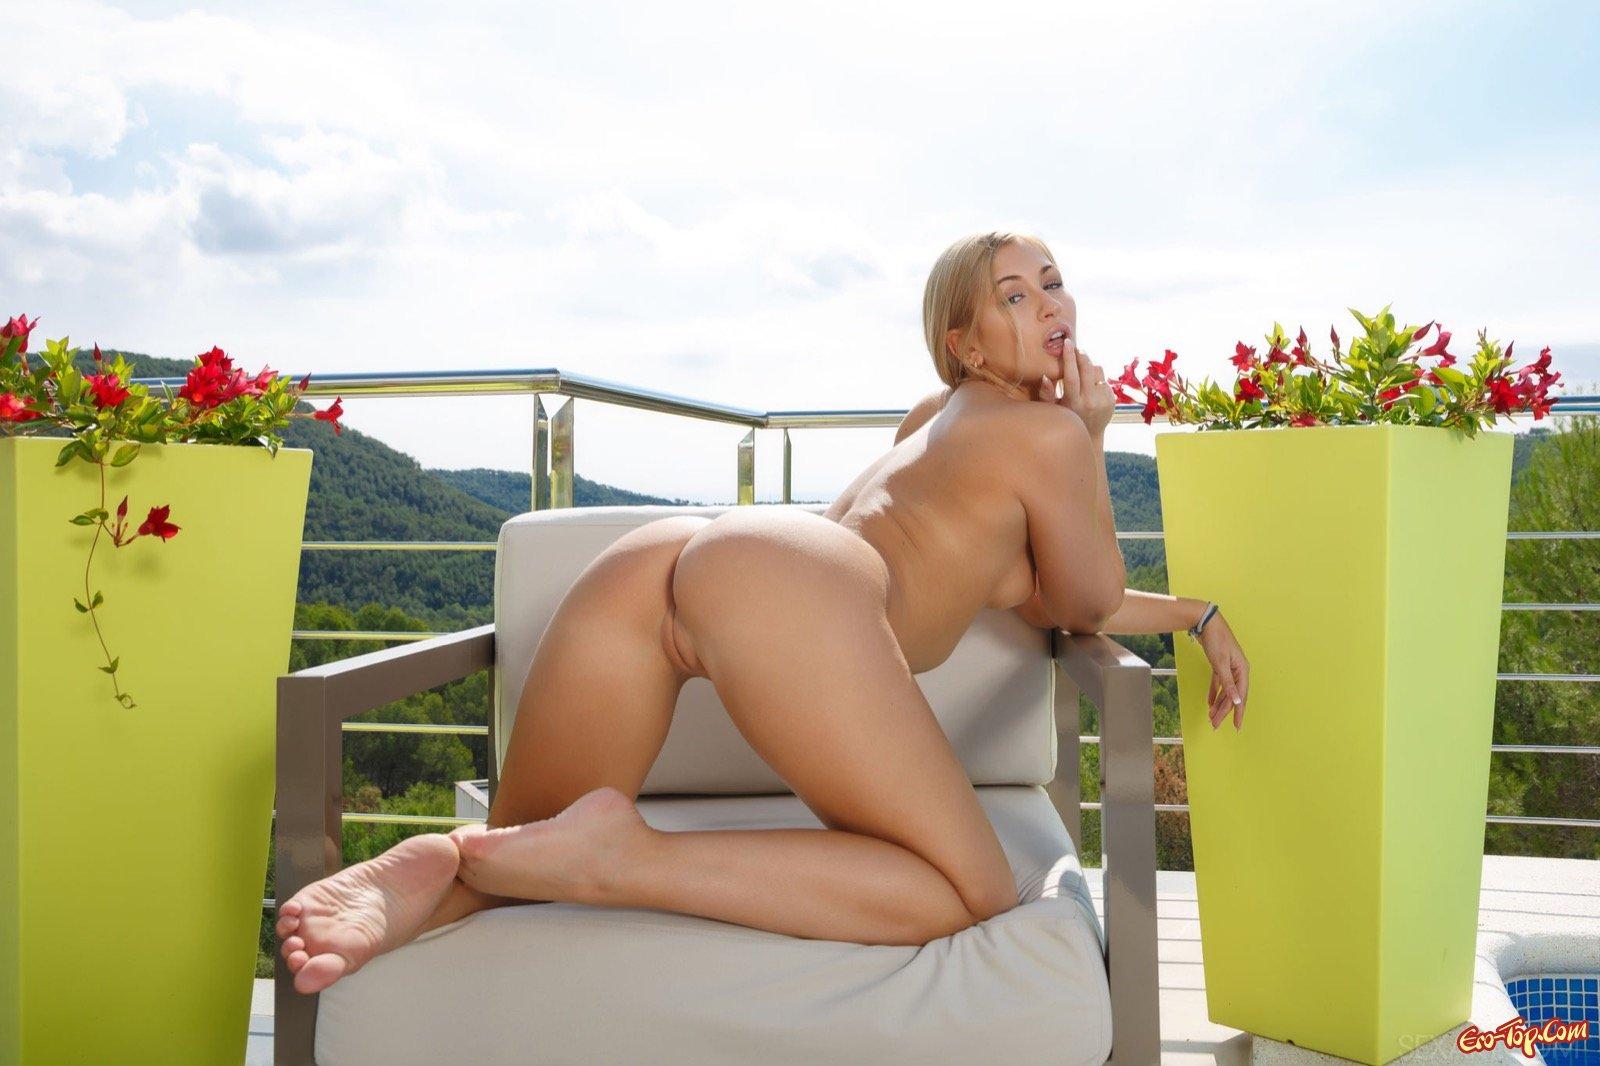 Красивая блондинка светит грудь с торчащими сосками